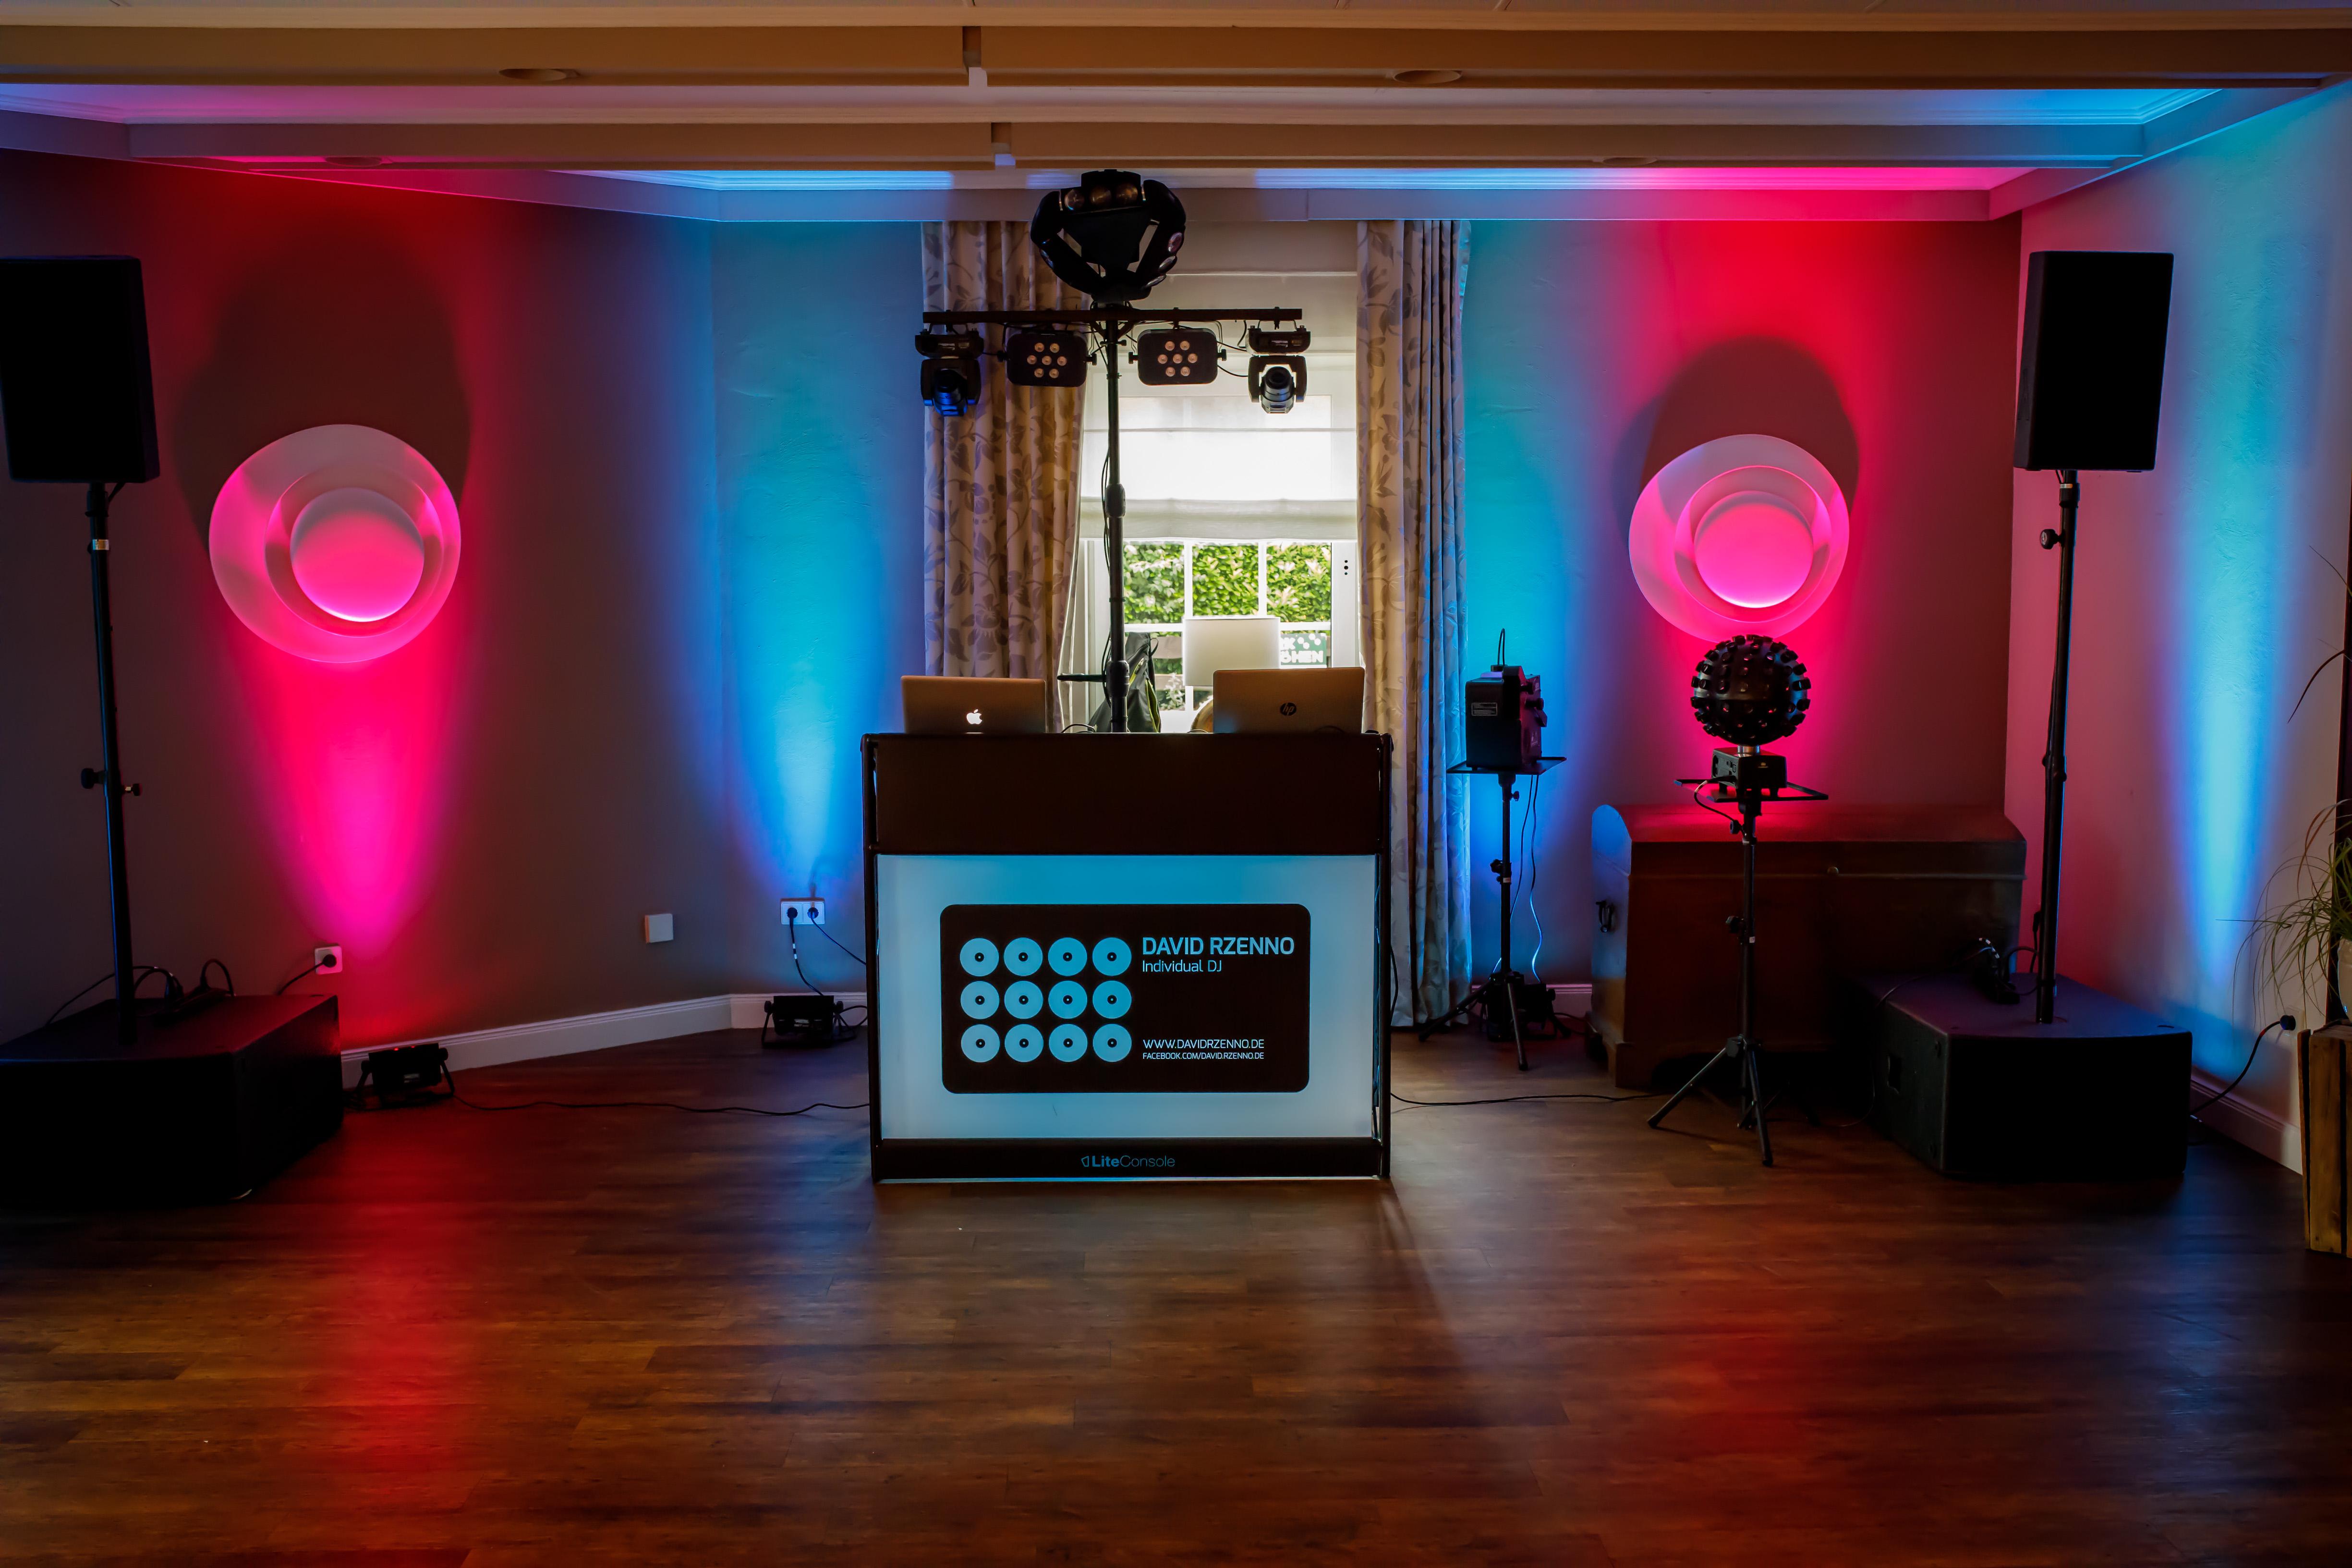 DJ David Rzenno Ambient Beleuchtung